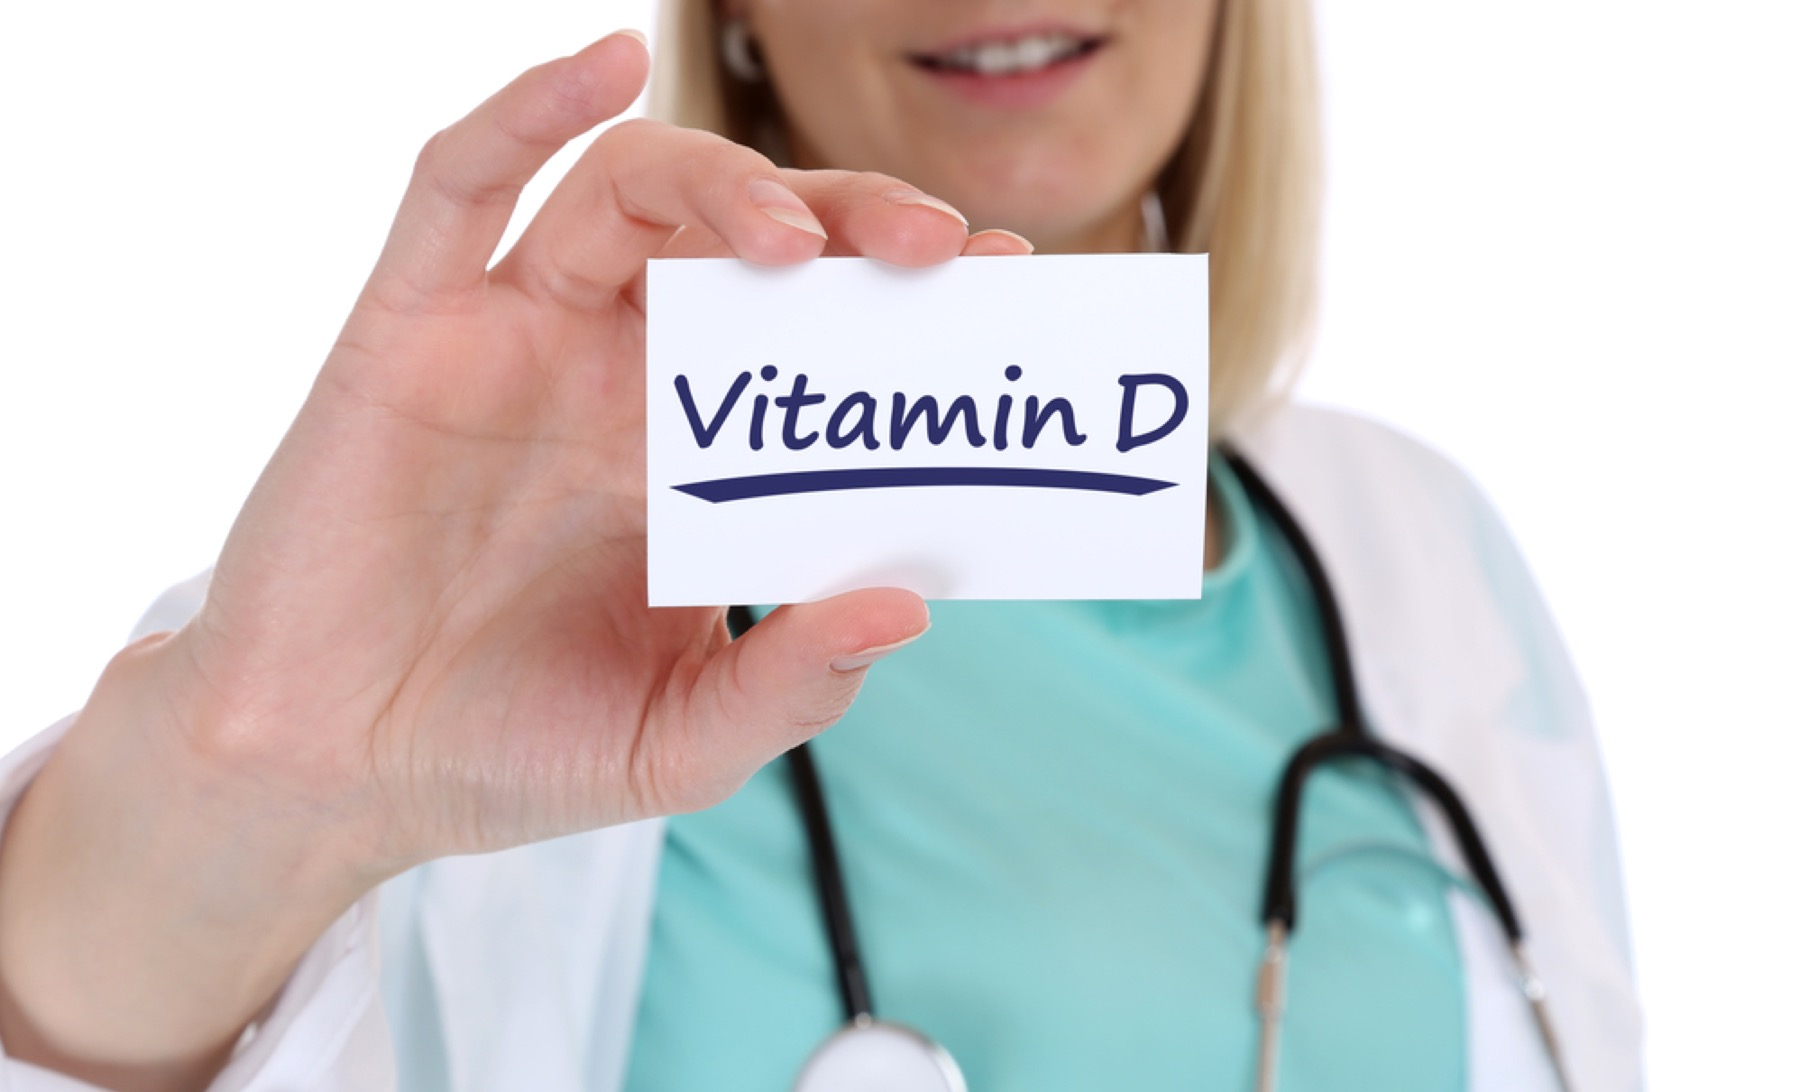 Η Βιταμίνη D Συνδέεται με Χαμηλό Ποσοστό Θανάτων από Κορωνοϊό